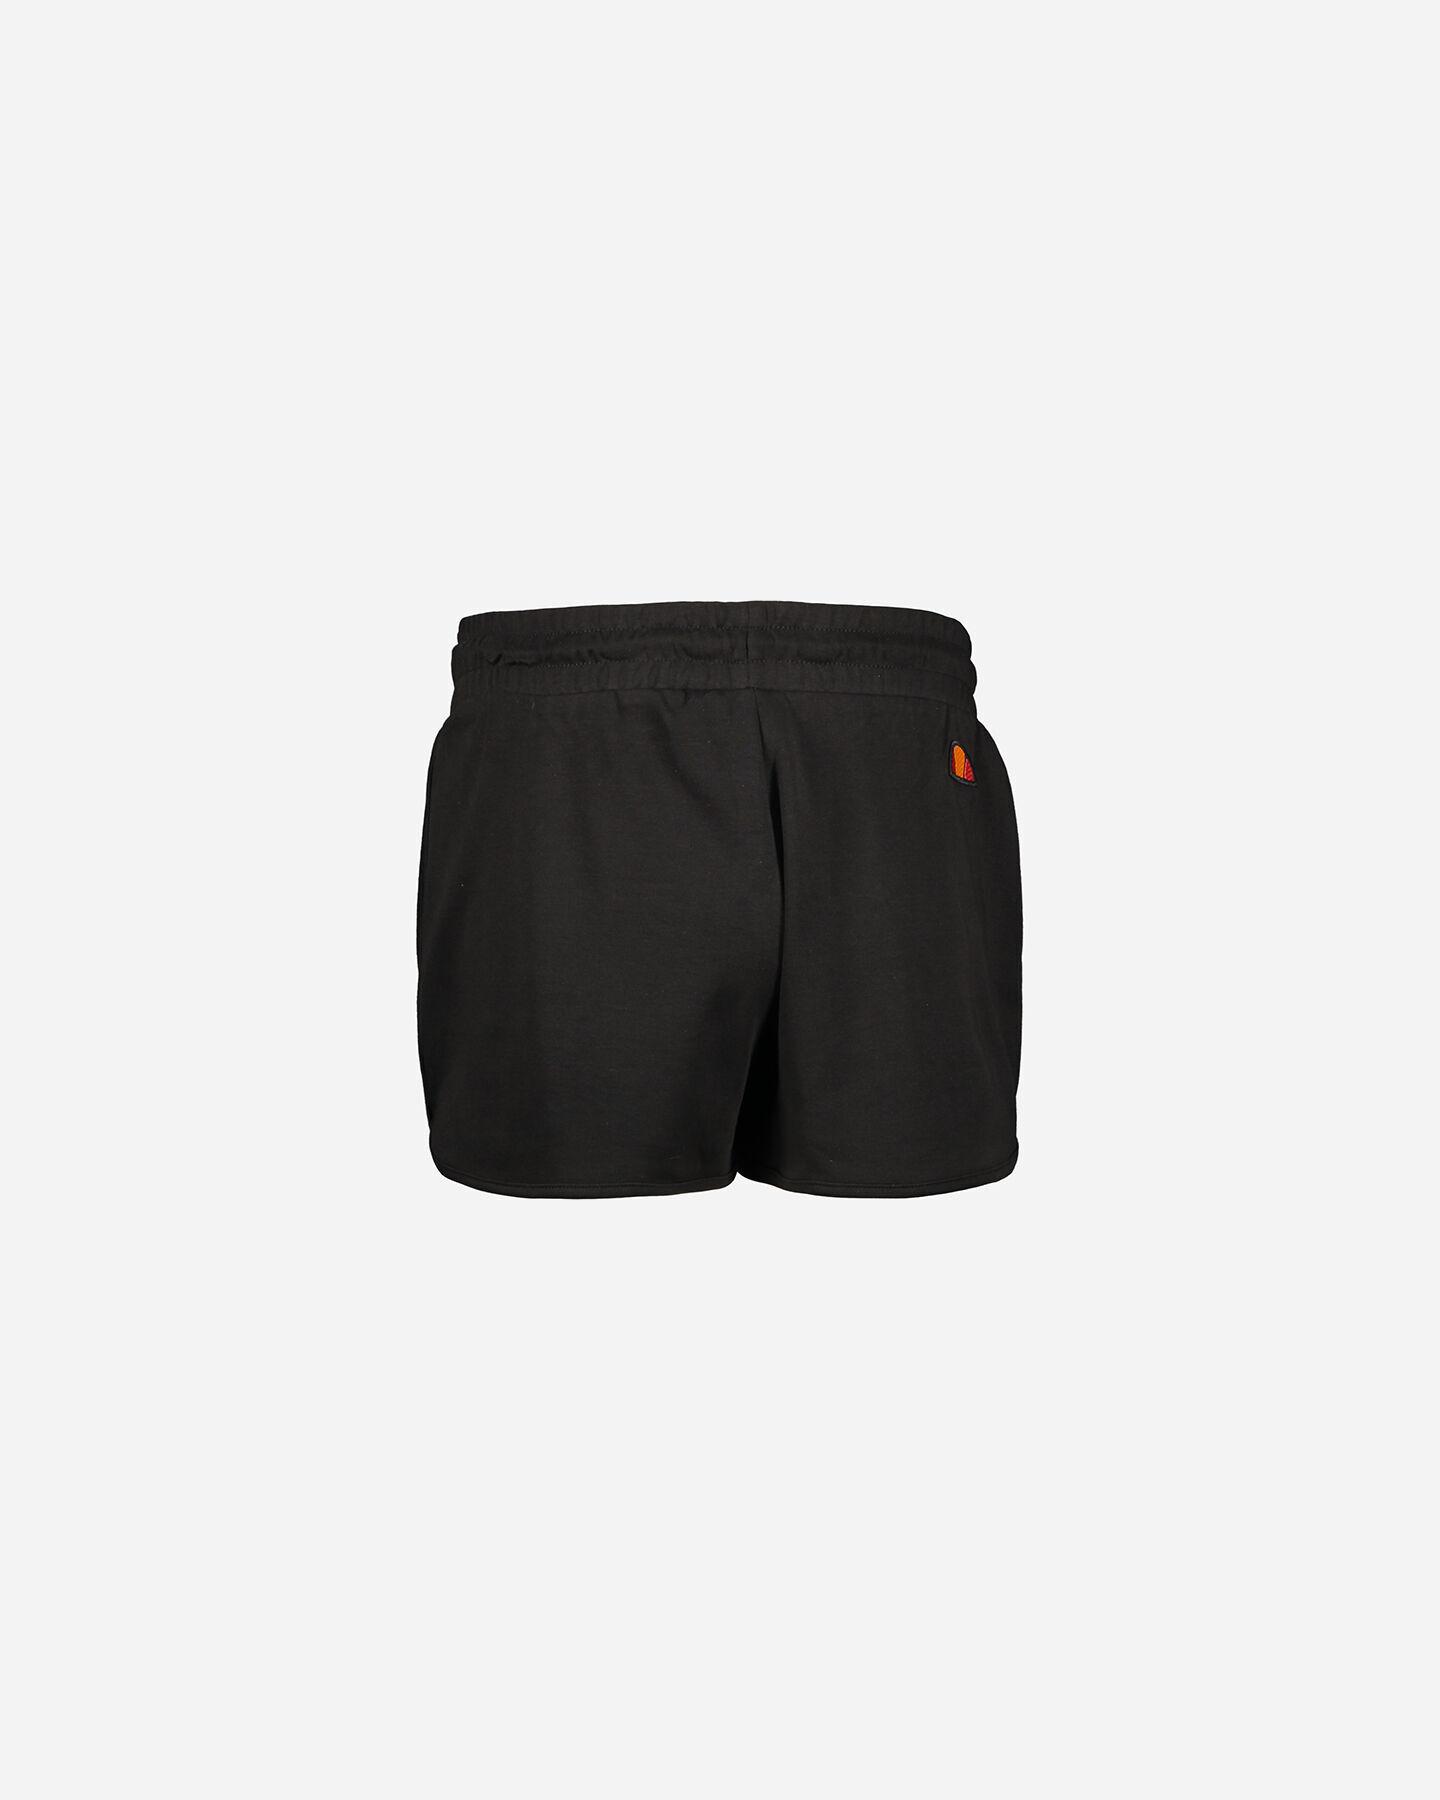 Pantaloncini ELLESSE INTERLOCK W S4088359 scatto 5